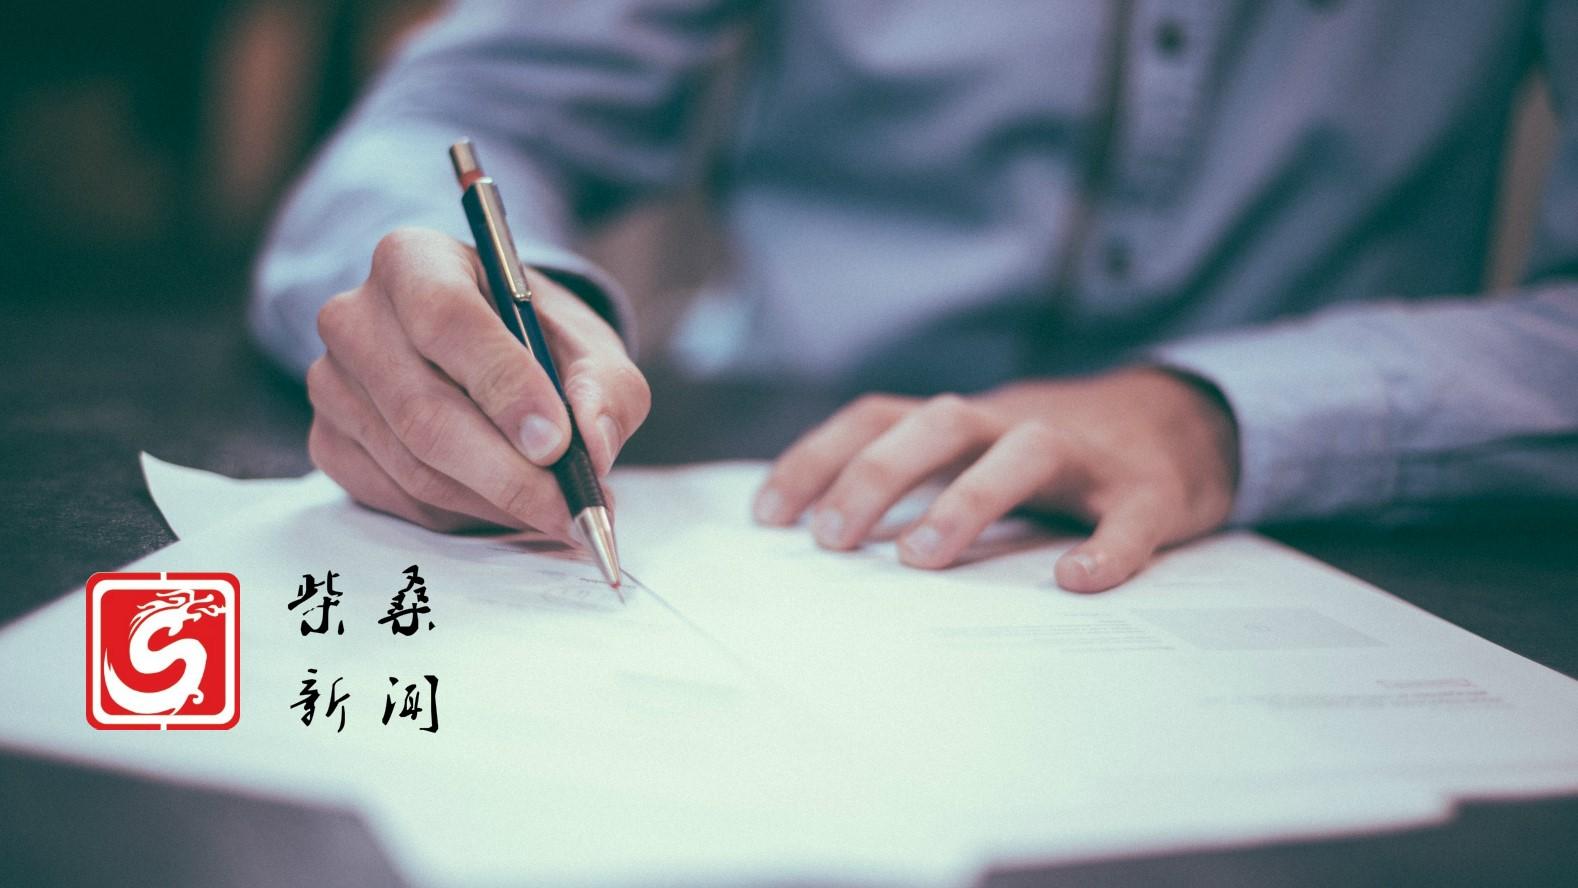 【柴桑新闻】我所受邀参加江西江州农村商业银行股份有限公司2018年股东大会